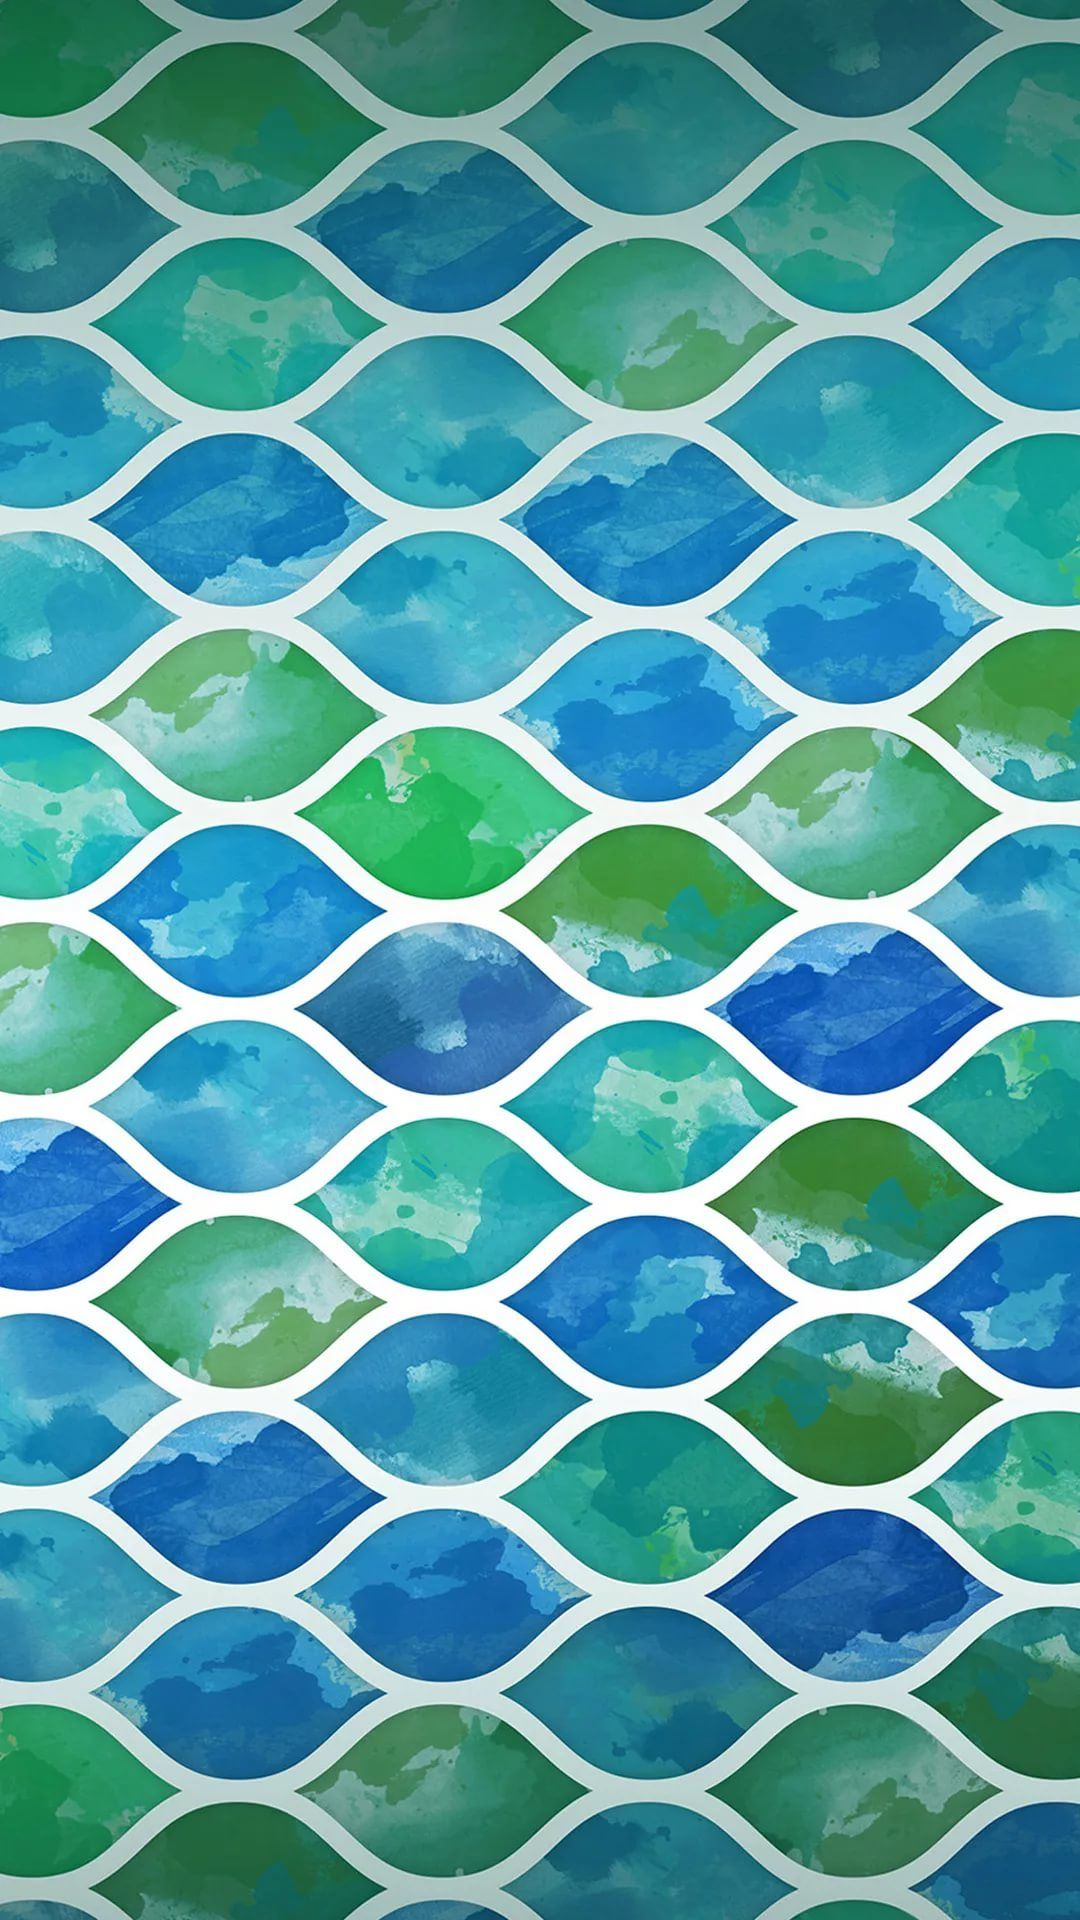 Watercolor iPhone wallpaper